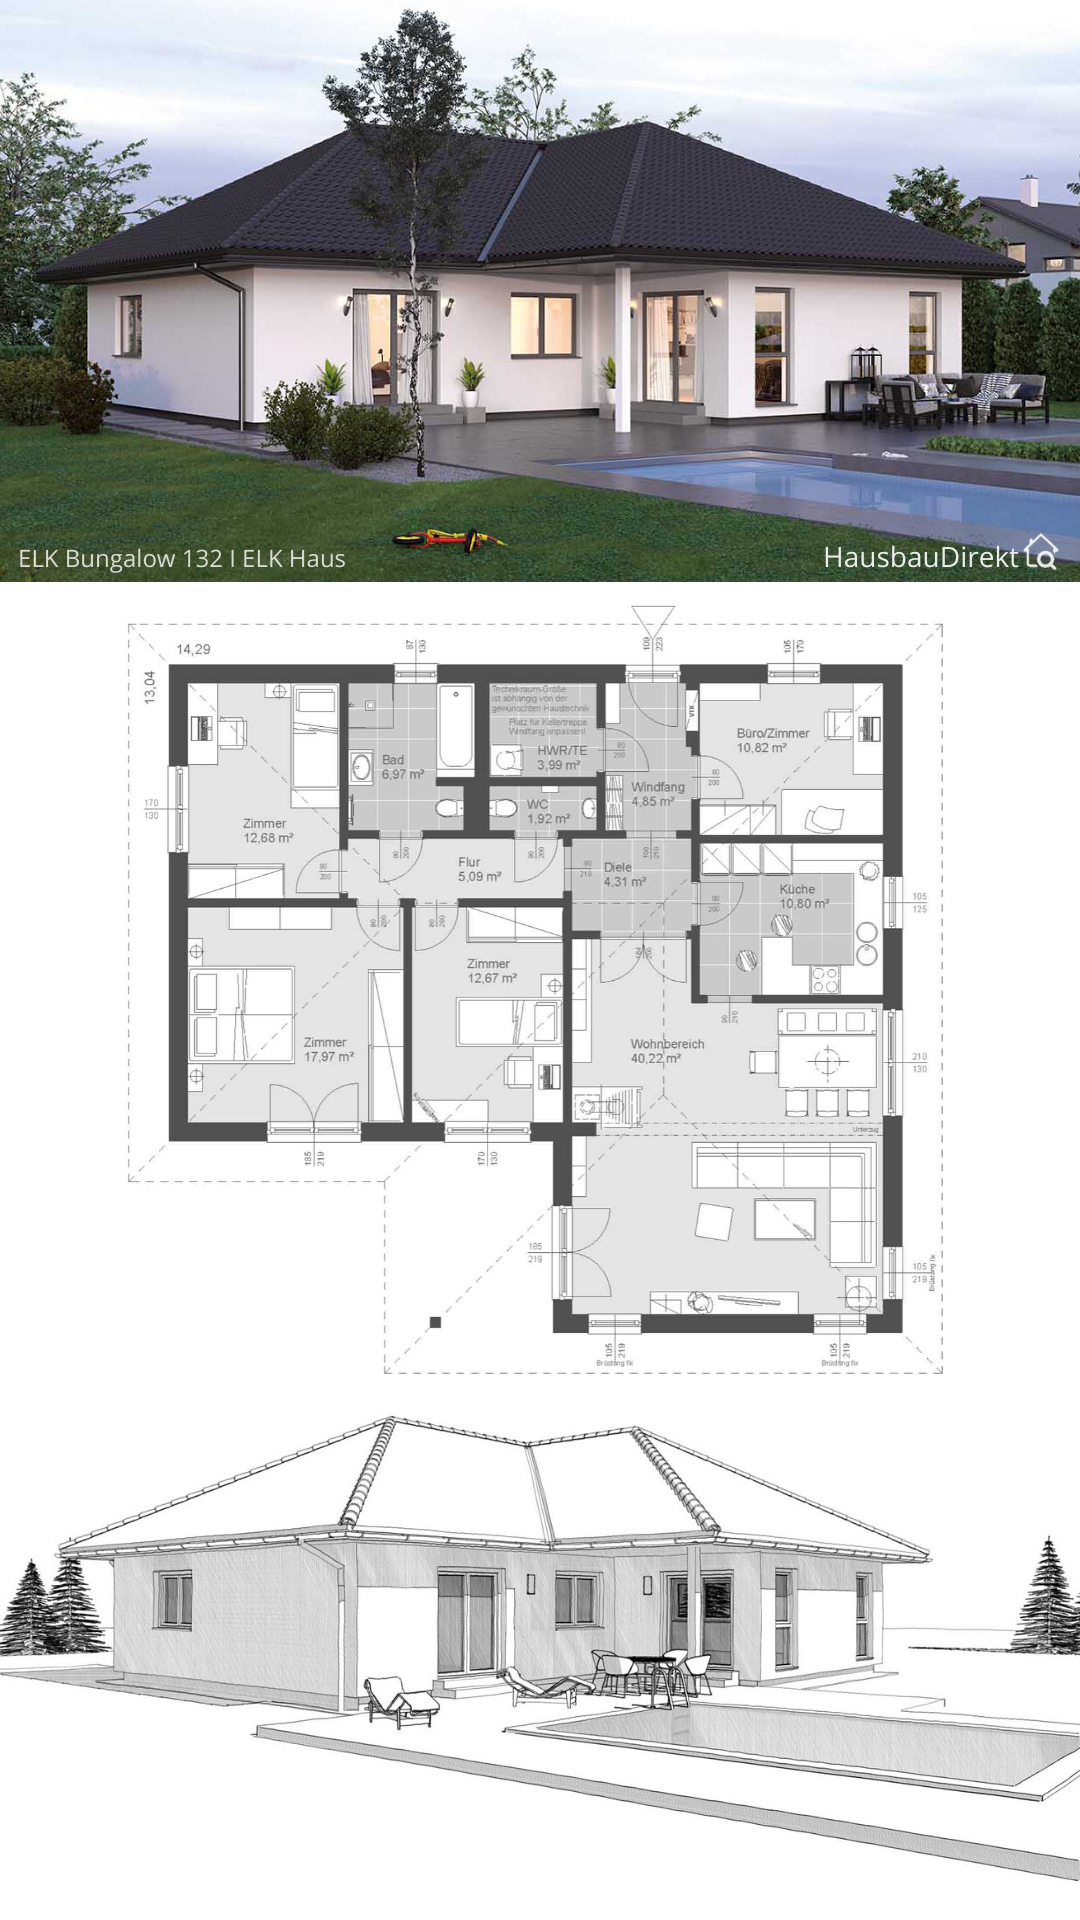 Bungalow Haus Design modern mit Walmdach & Pool Terrasse bauen Fertighaus Winkelbungalow Grundriss